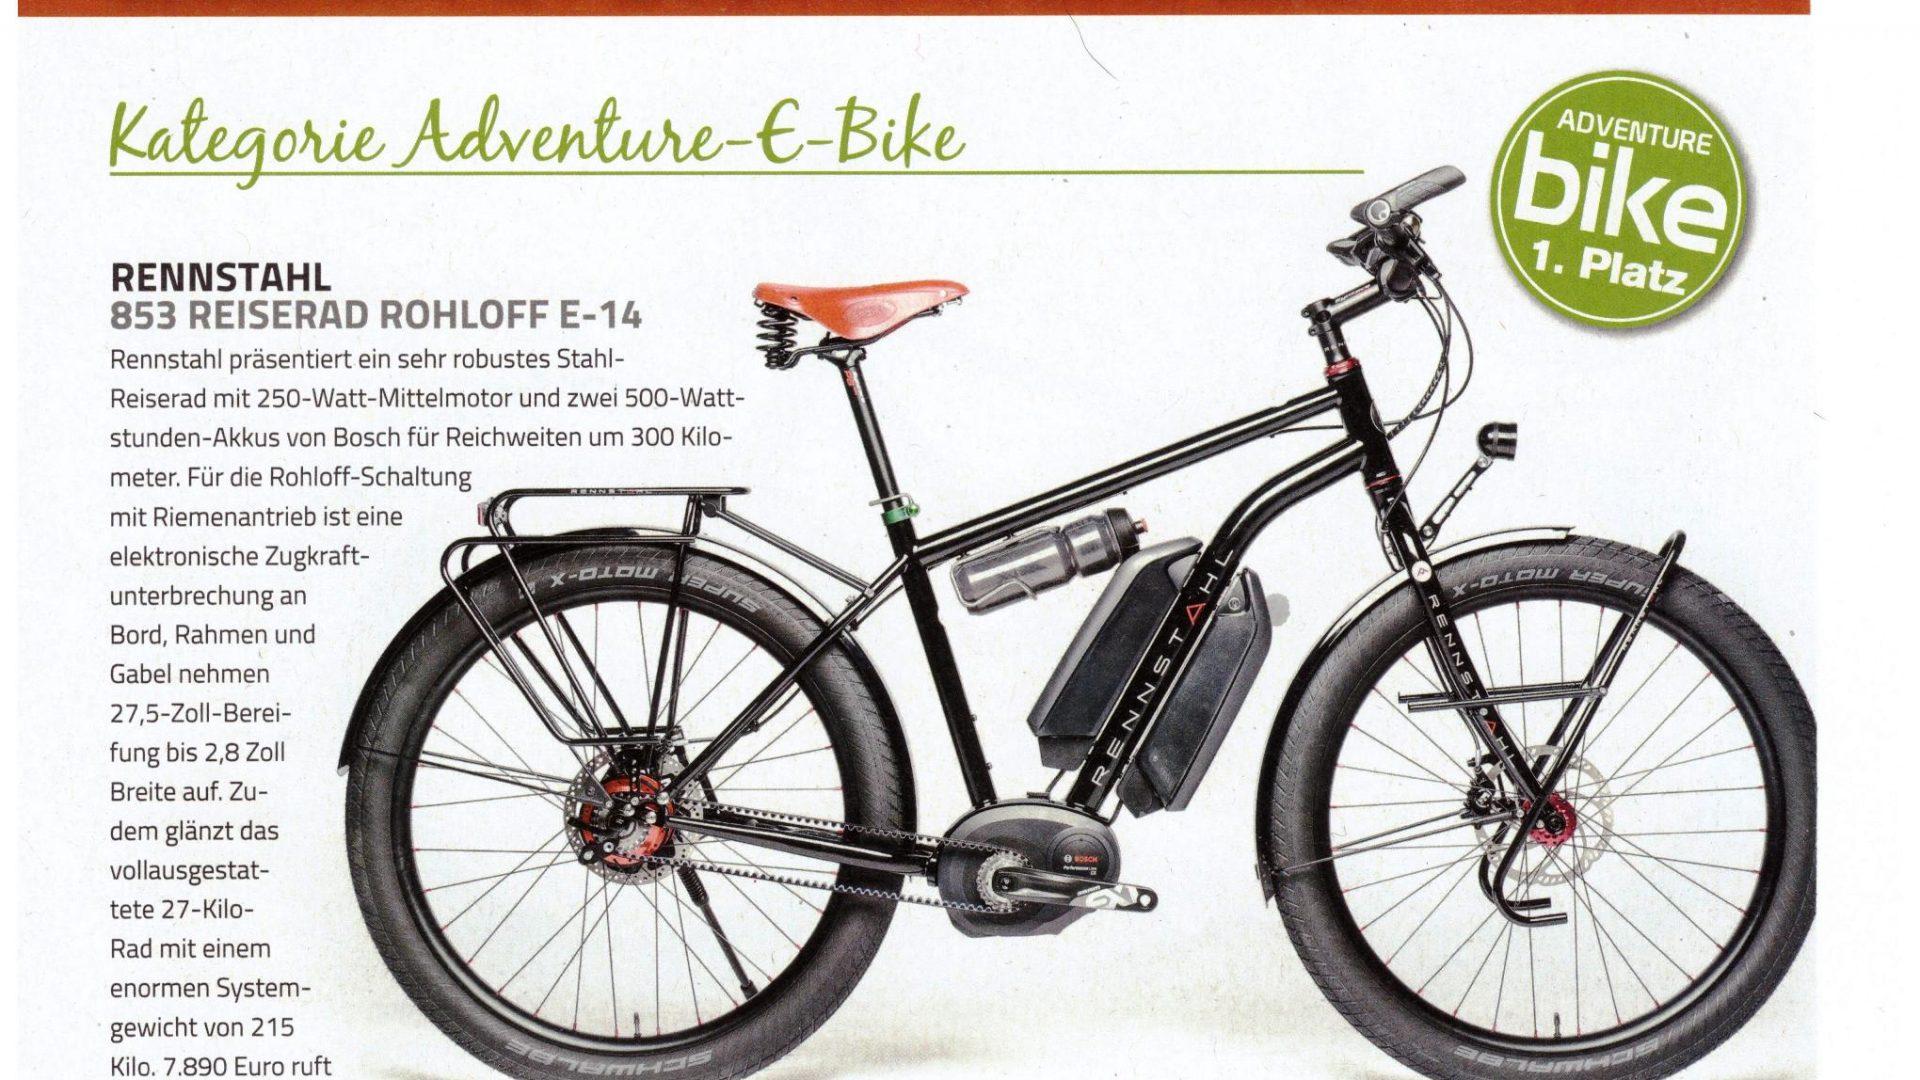 Platz 1 in der Leserwahl Adventure Bike 2019